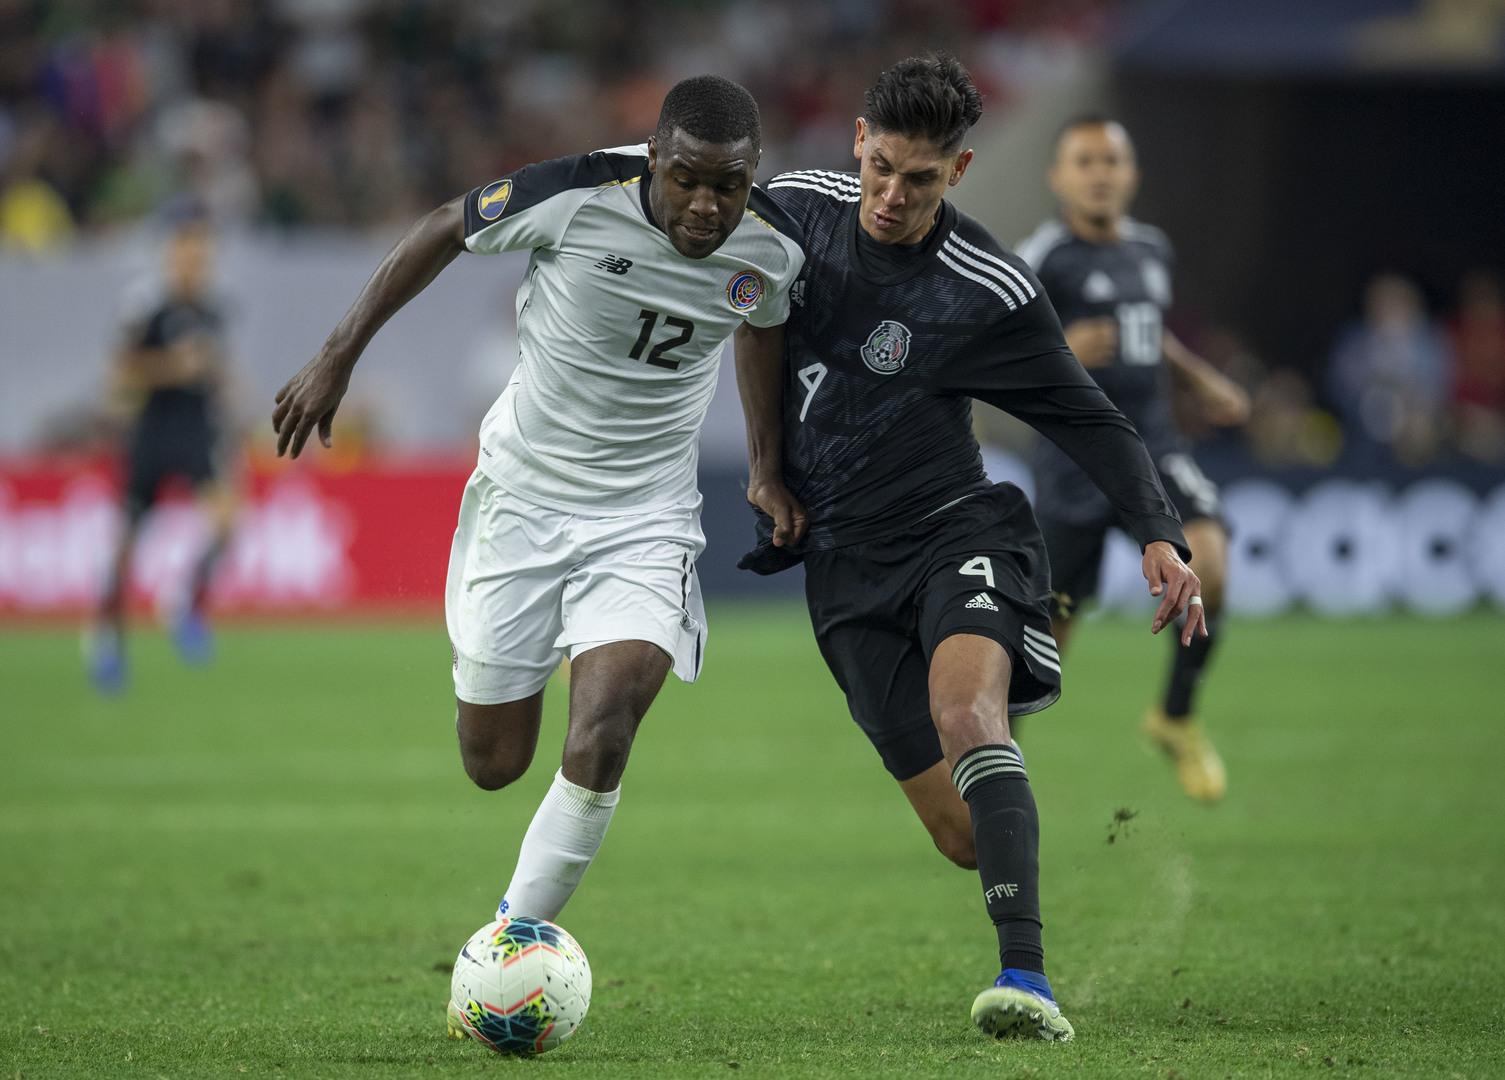 Costa Rica vs Mexico Gold Cup 2019